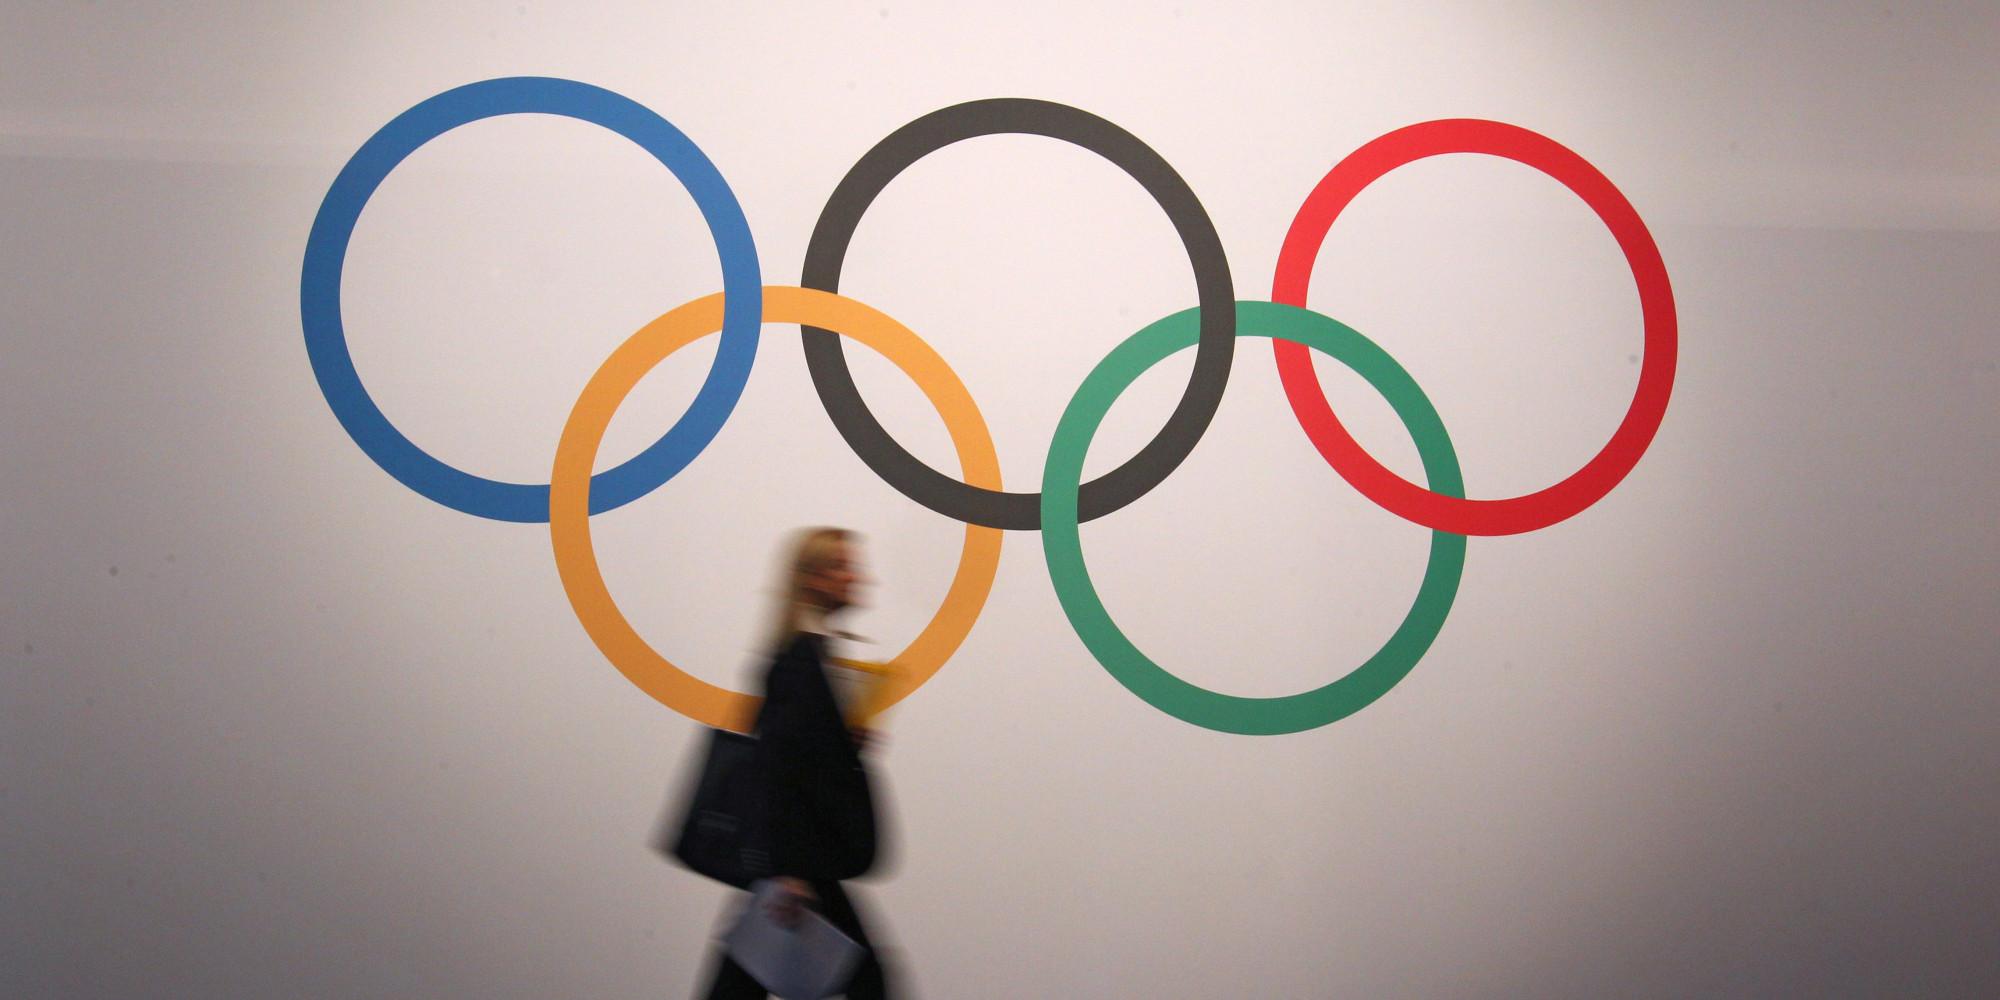 Члены олимпийского комитета 15 фотография